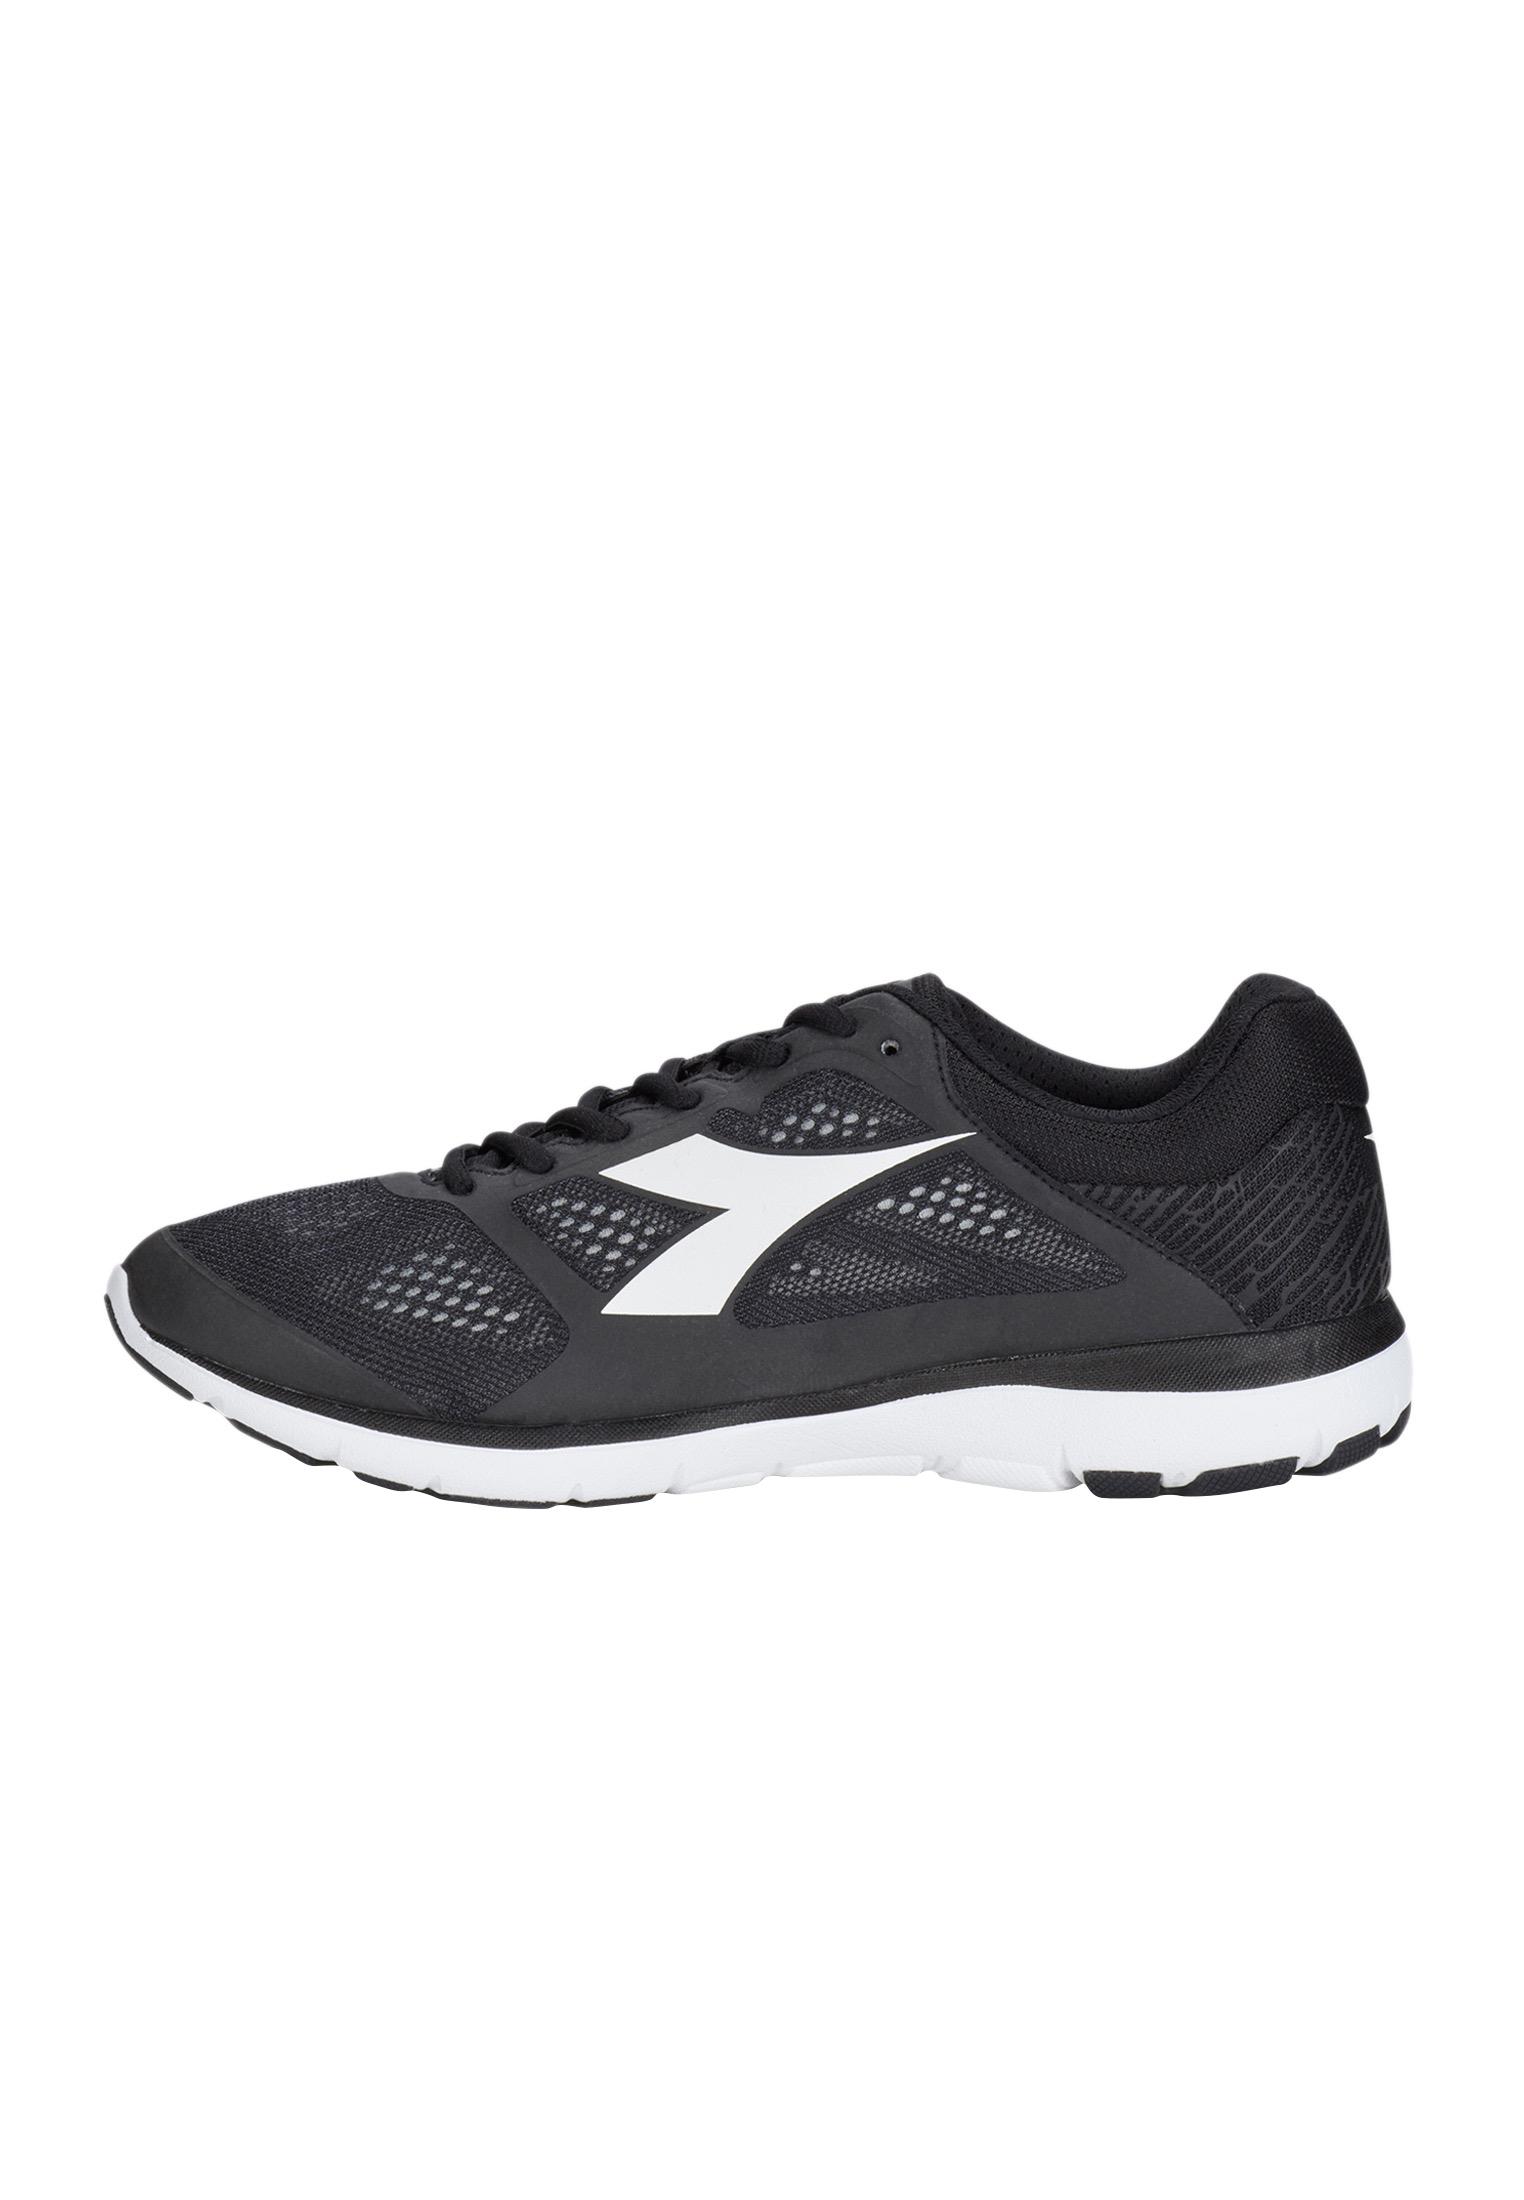 6e297f085f Diadora - Zapatilla de running X RUN para hombre